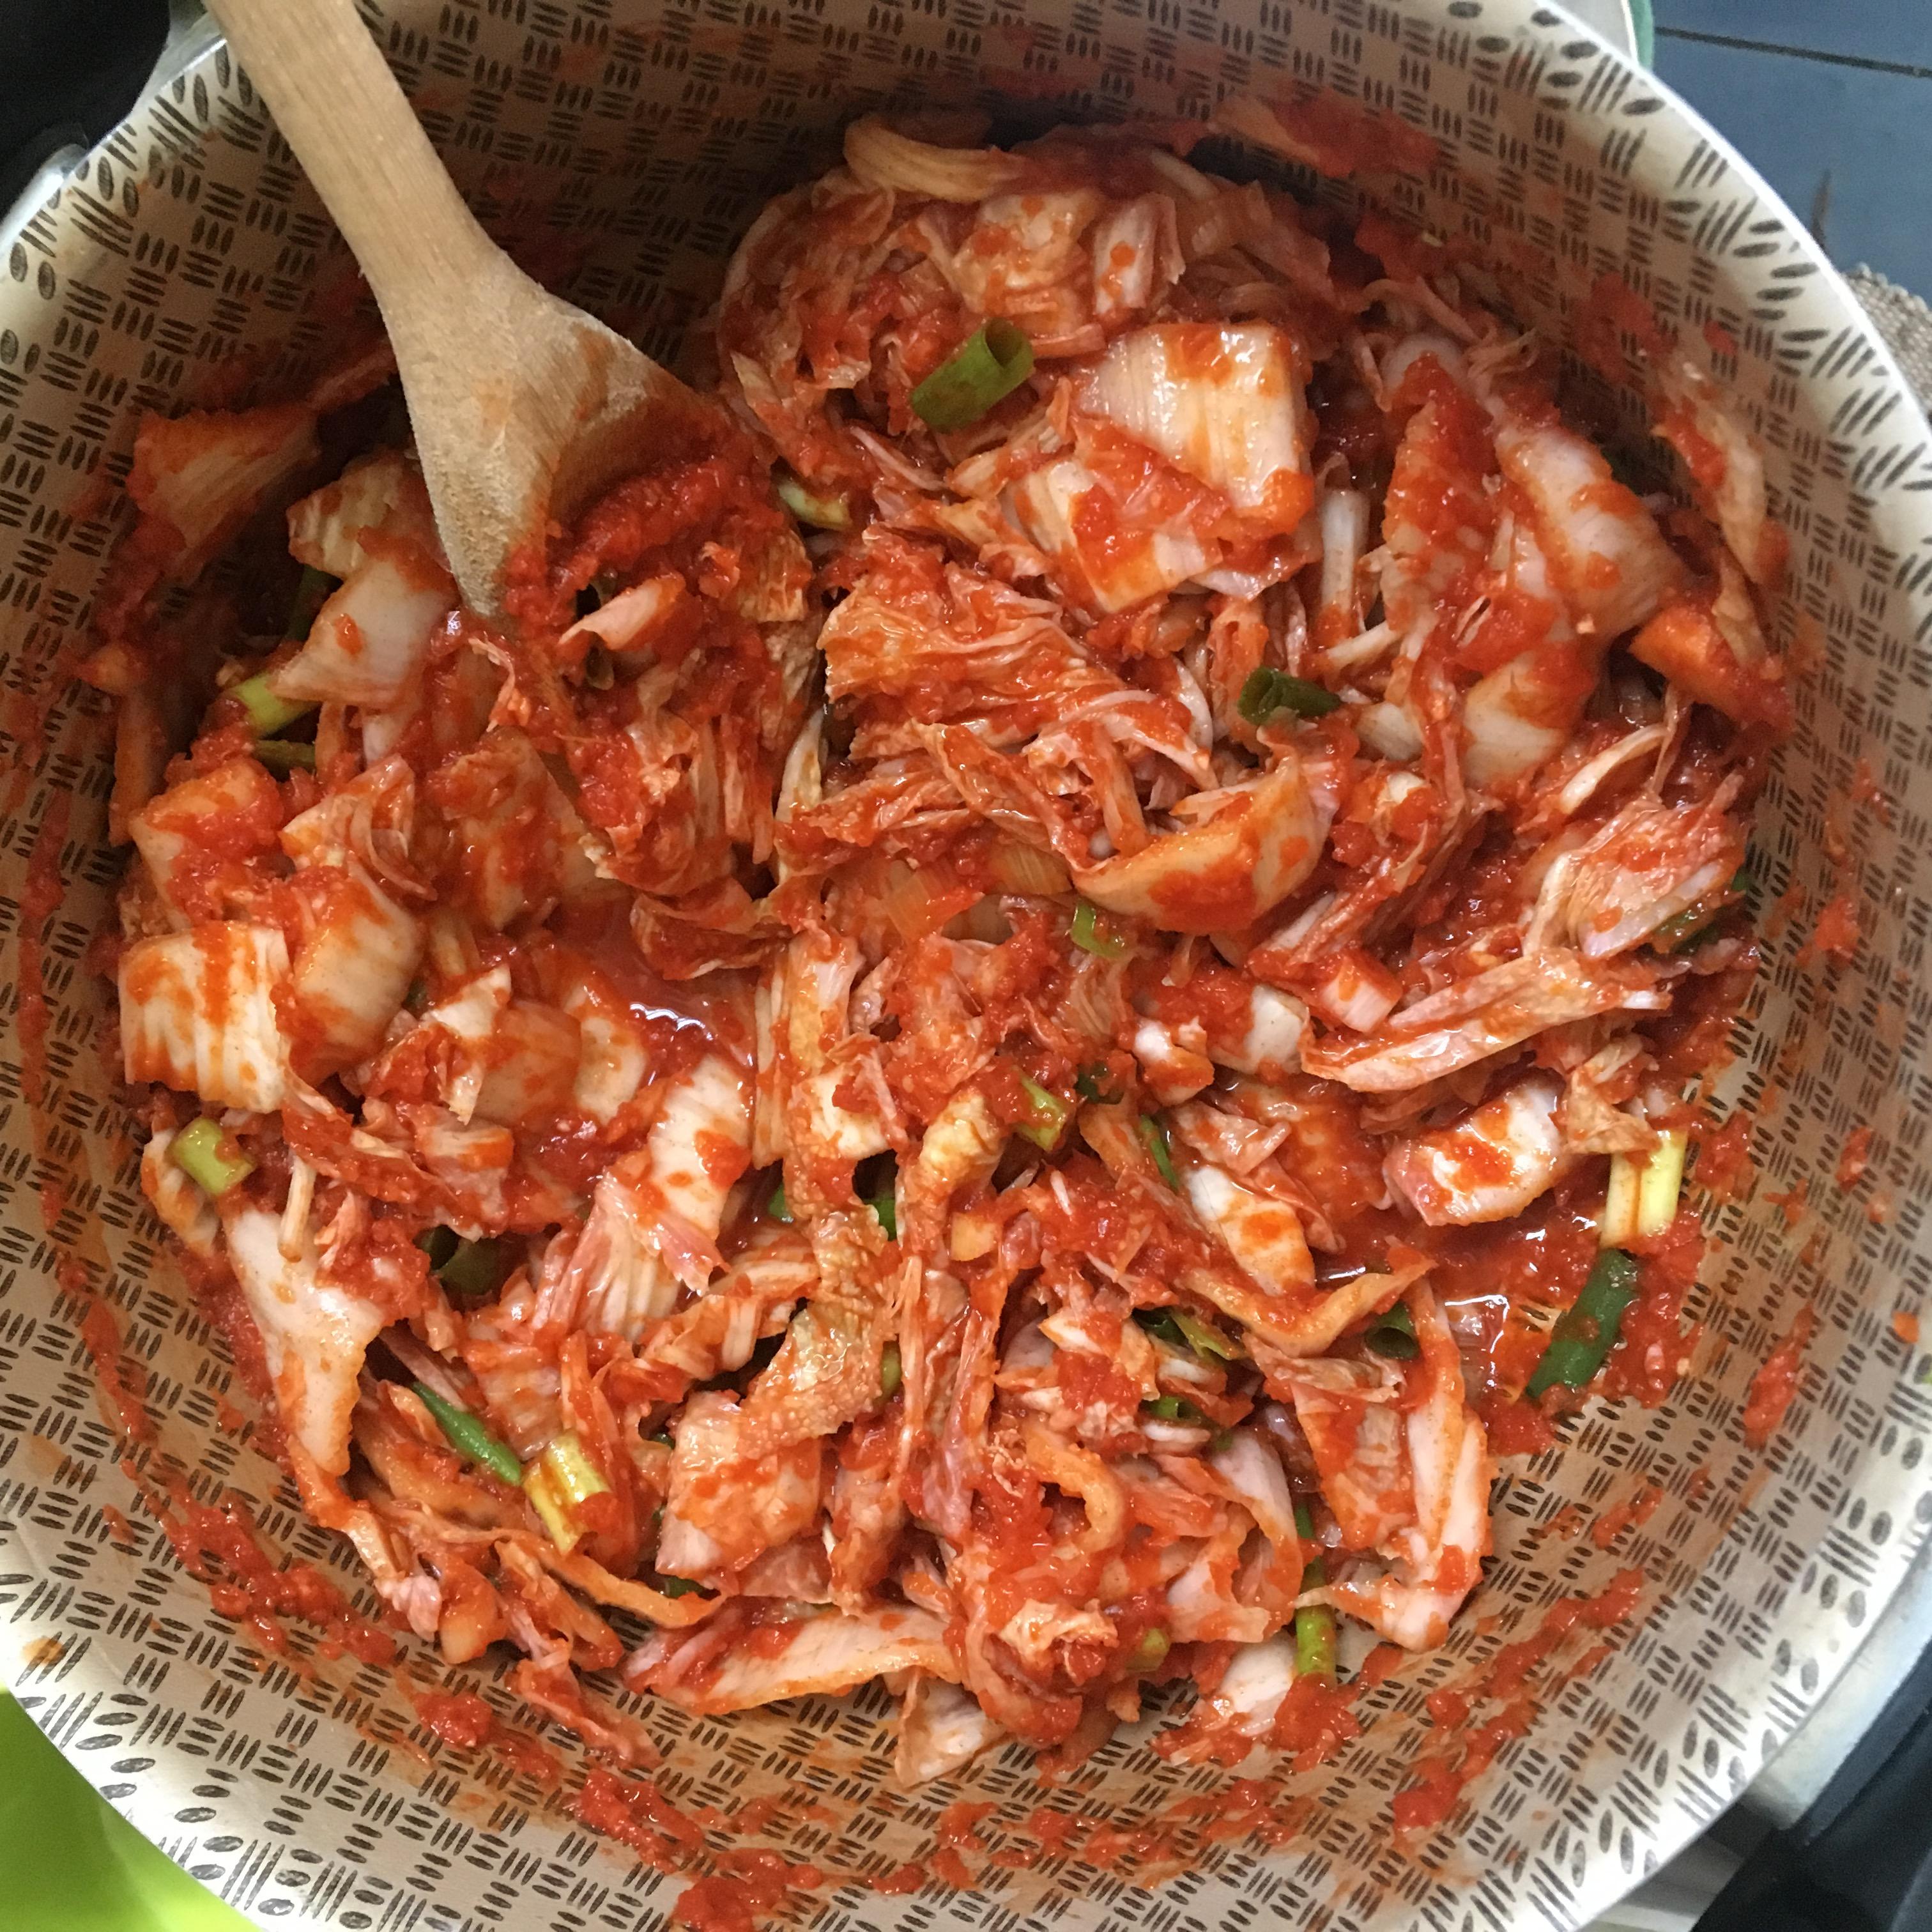 Göra egen kimchi recept ingredisenser